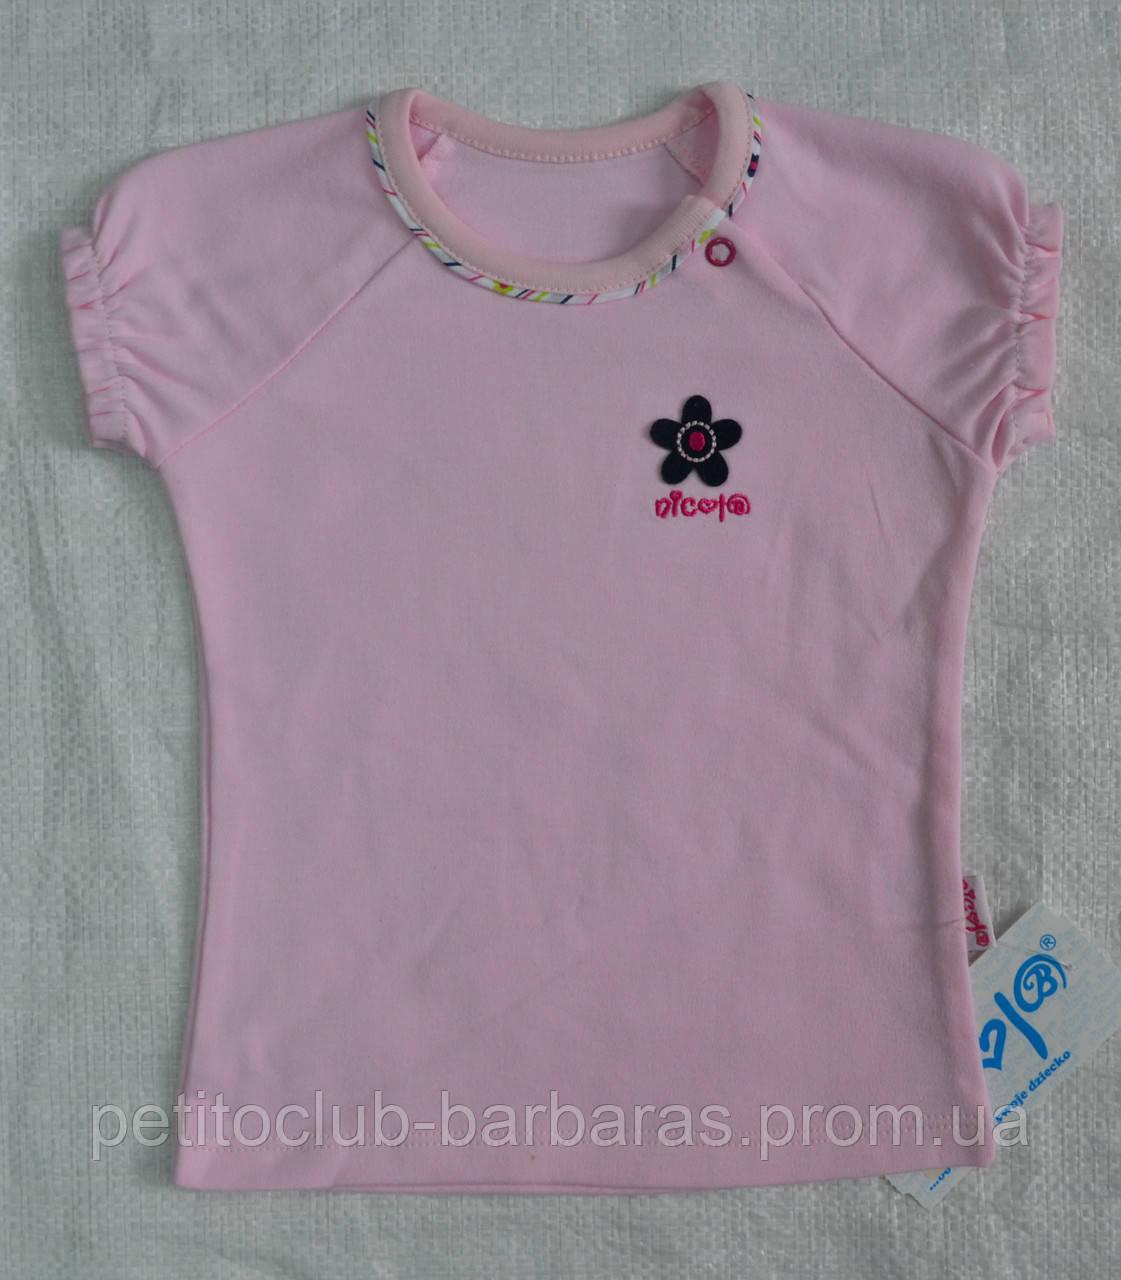 Детская летняя футболка для девочки розовая р. 80-98 см (Nicol, Польша)